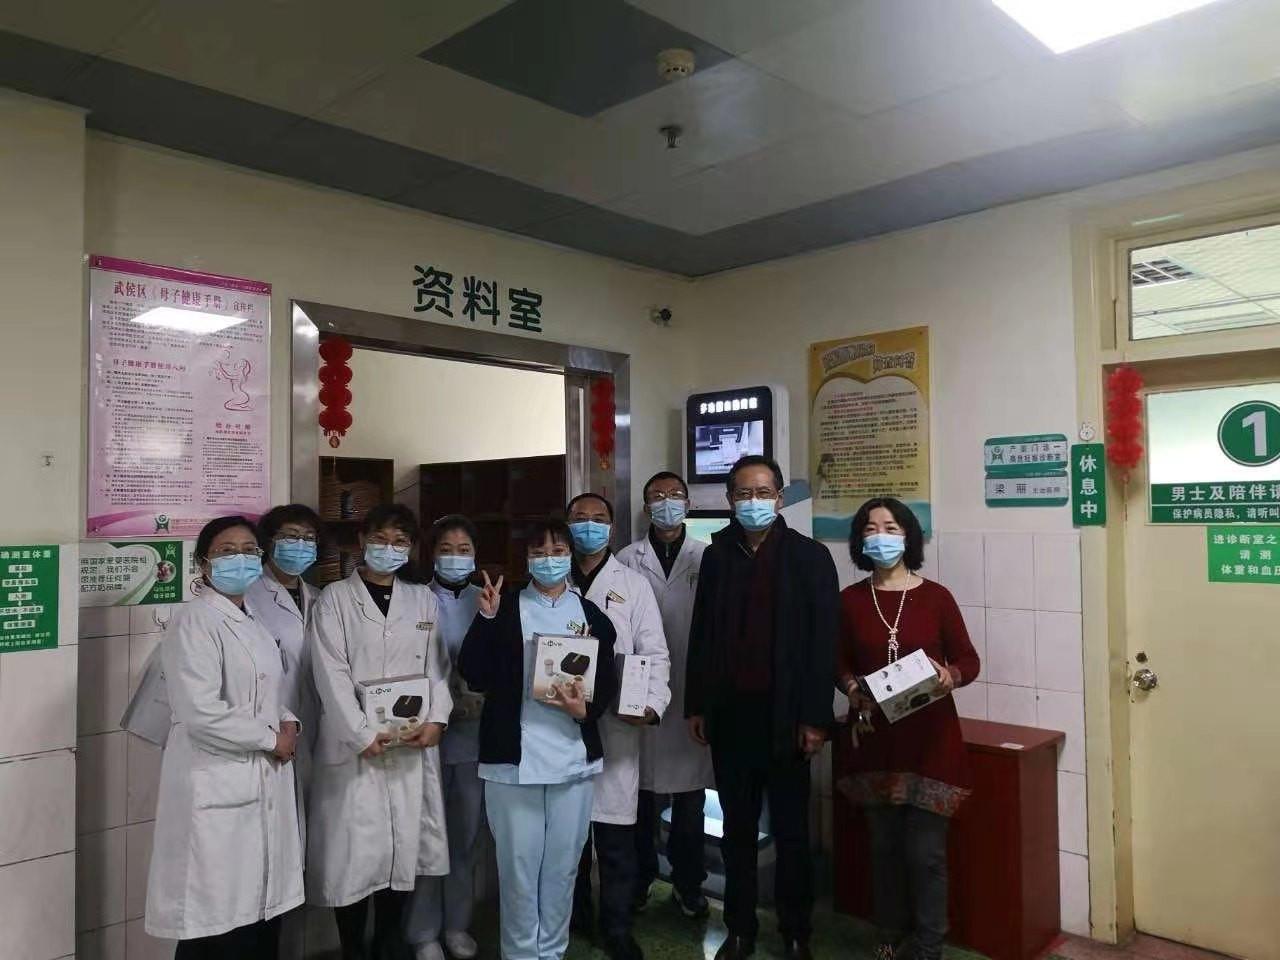 【正月初一】院领导班子慰问一线医护人员